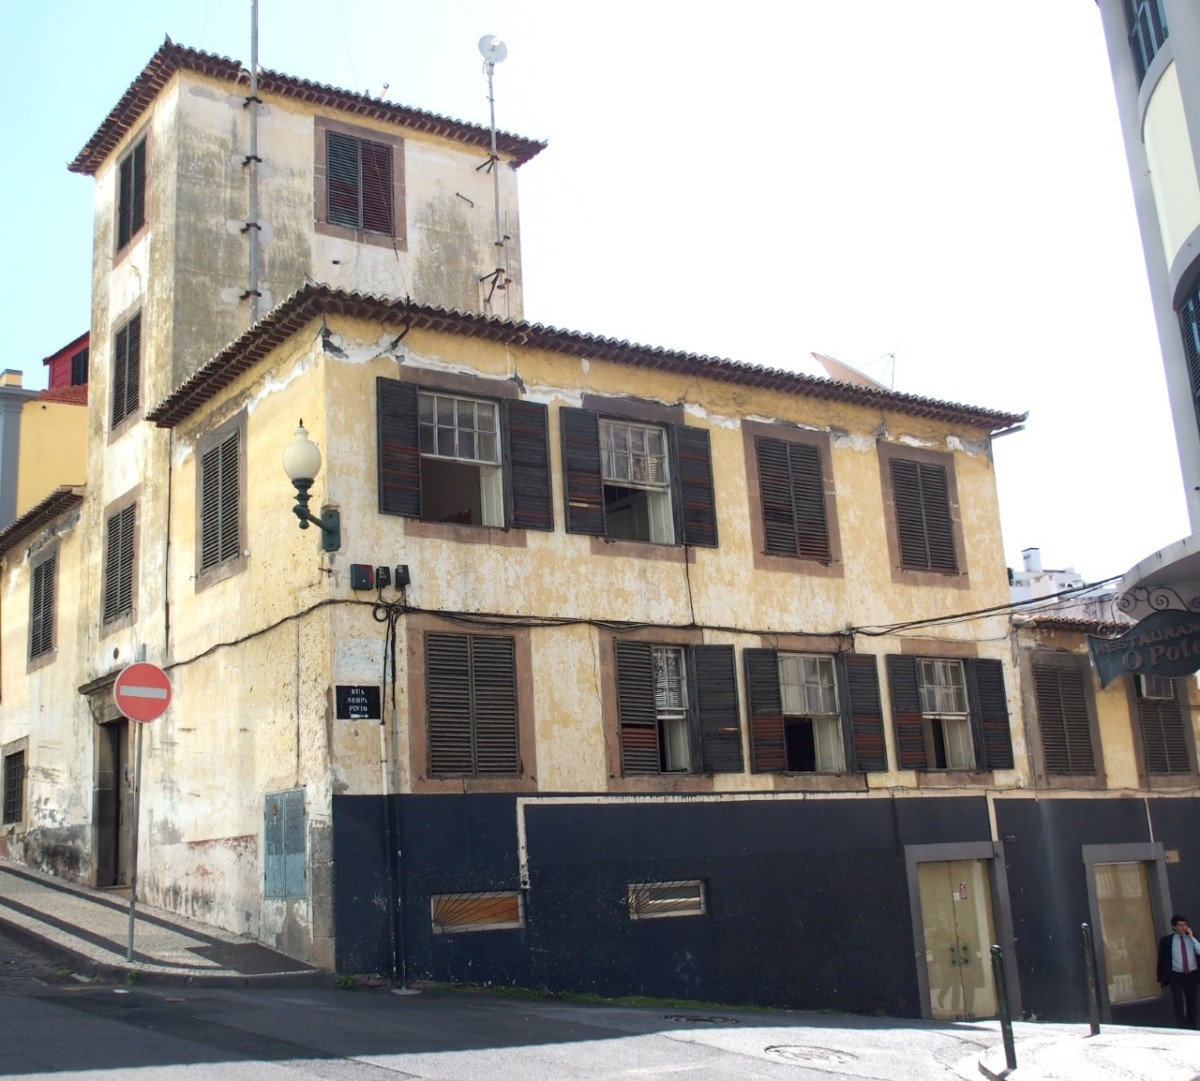 Posto Emissor do Funchal passa a ser dono do prédio onde está instalado após compra de 500 mil euros